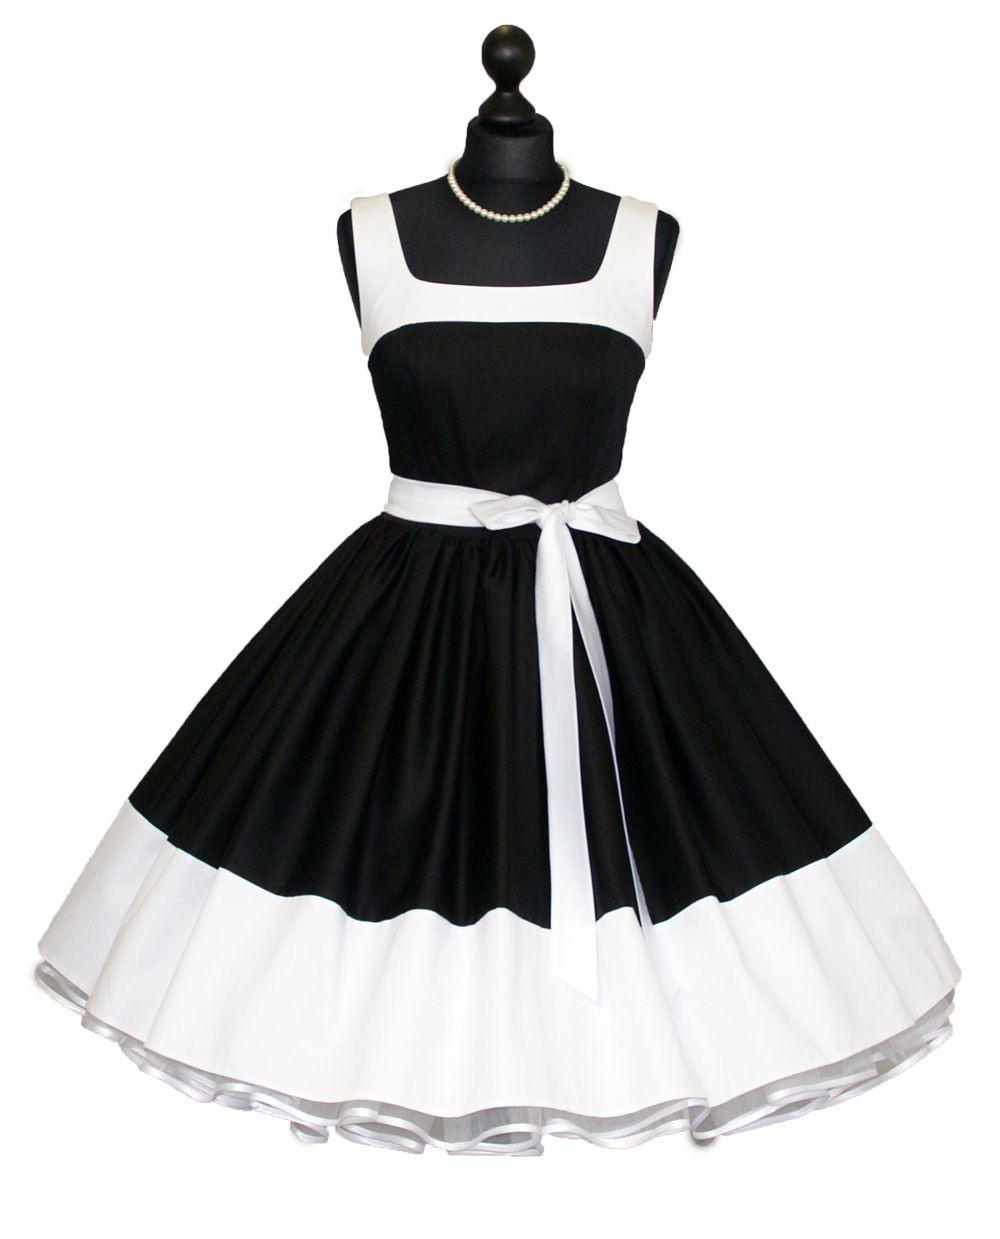 20 Einfach Konfirmationskleider Weiß Bester PreisAbend Perfekt Konfirmationskleider Weiß Stylish